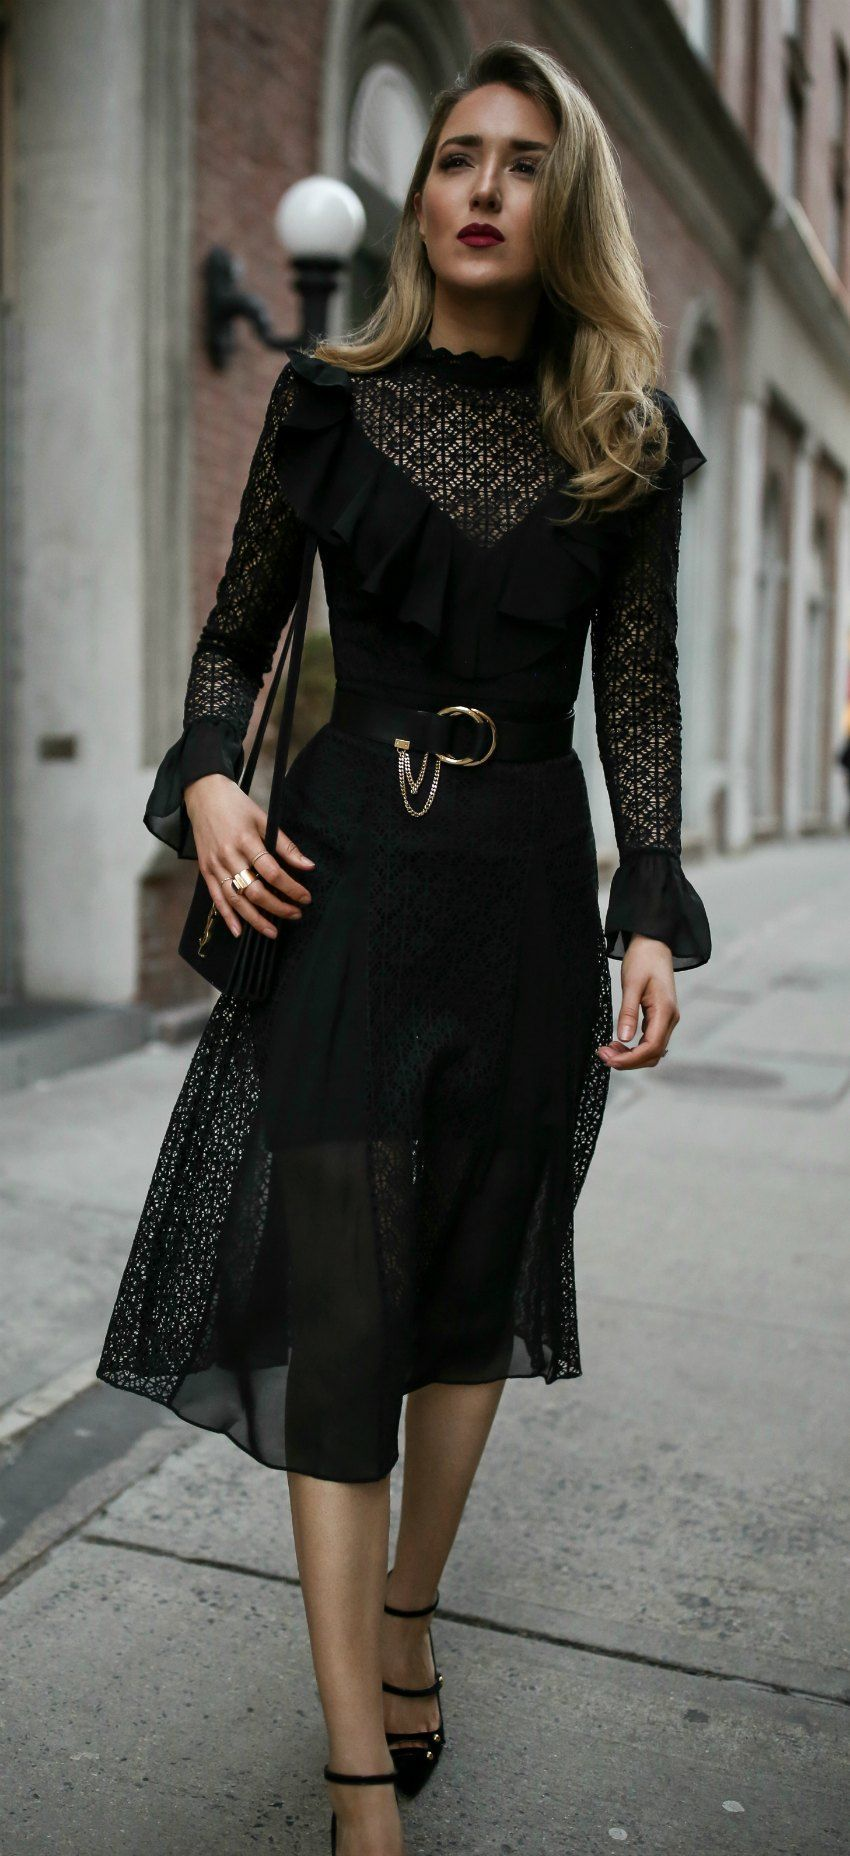 Black lace midi dress black lace ruffled midi dress black patent